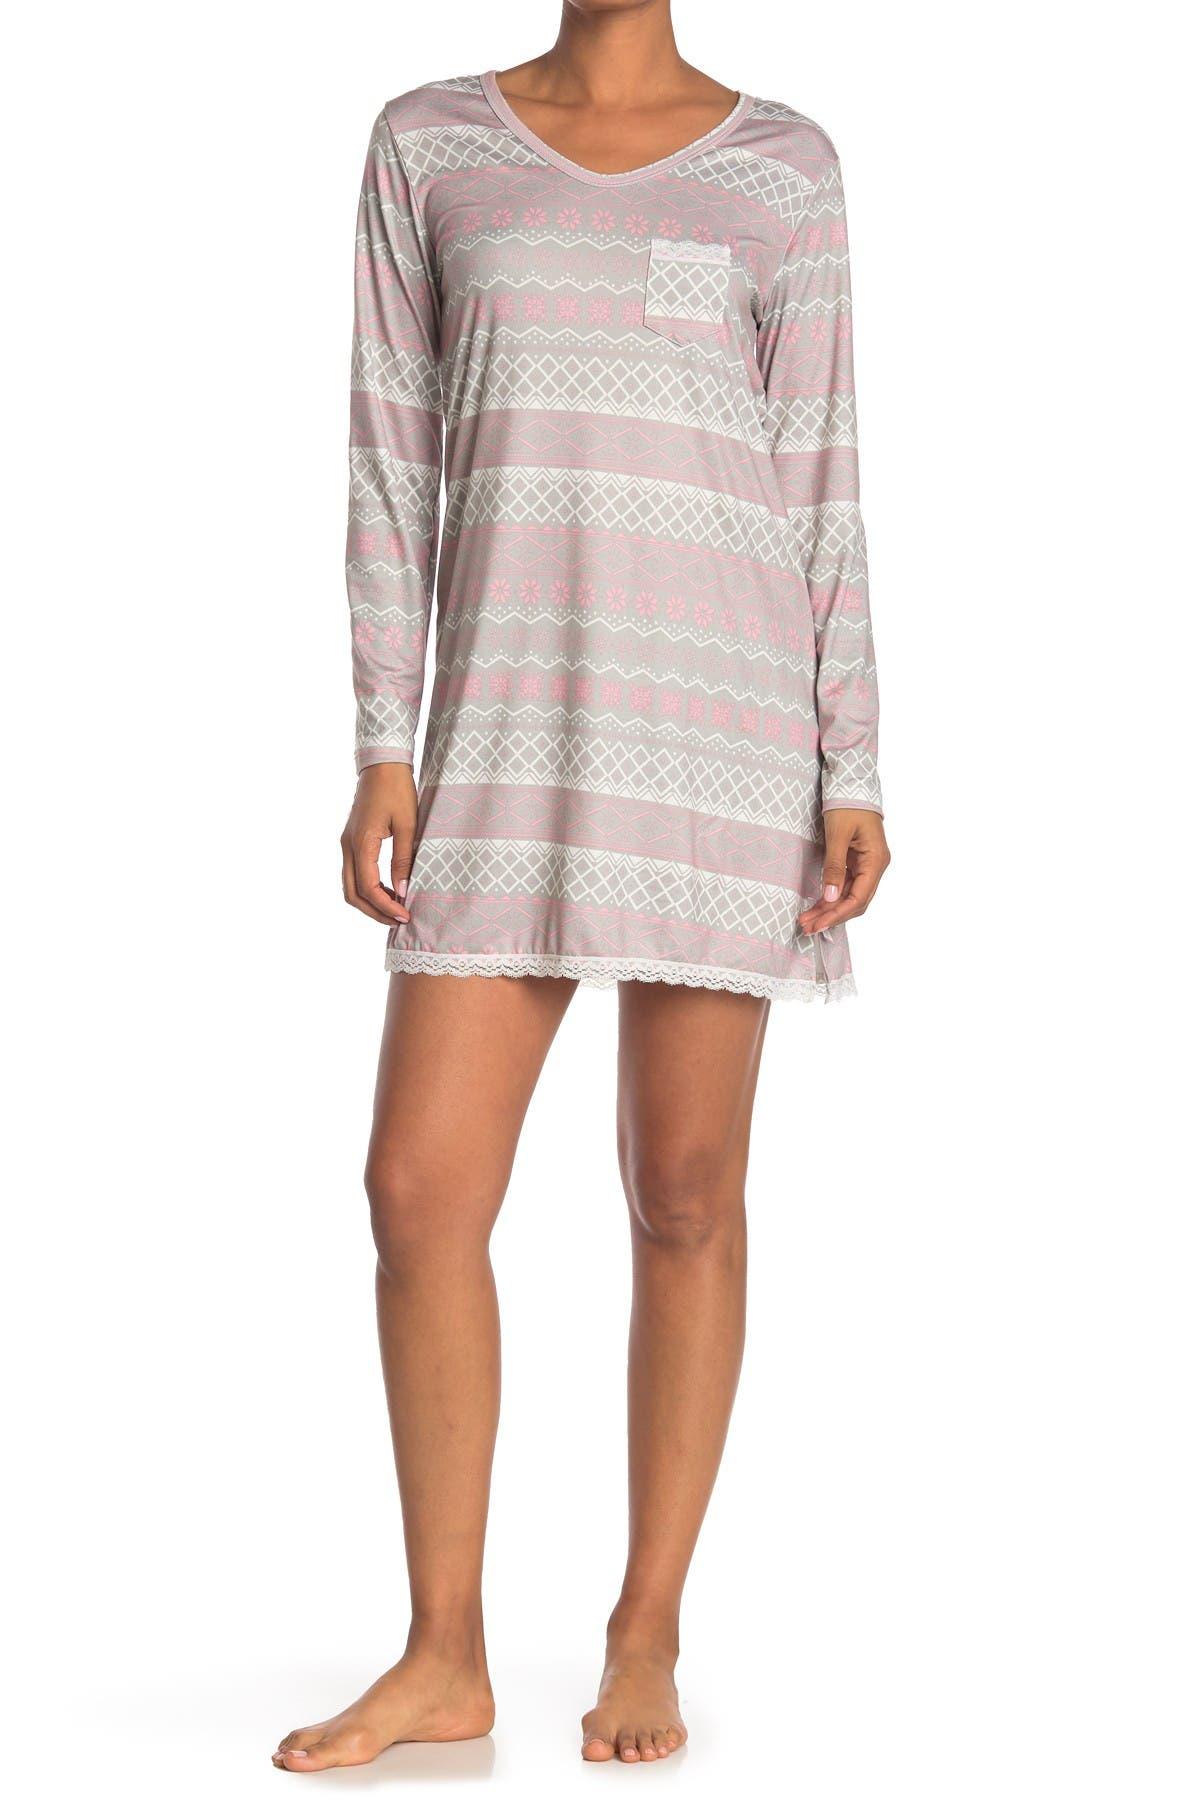 Image of Kathy Ireland Printed Sleep Shirt